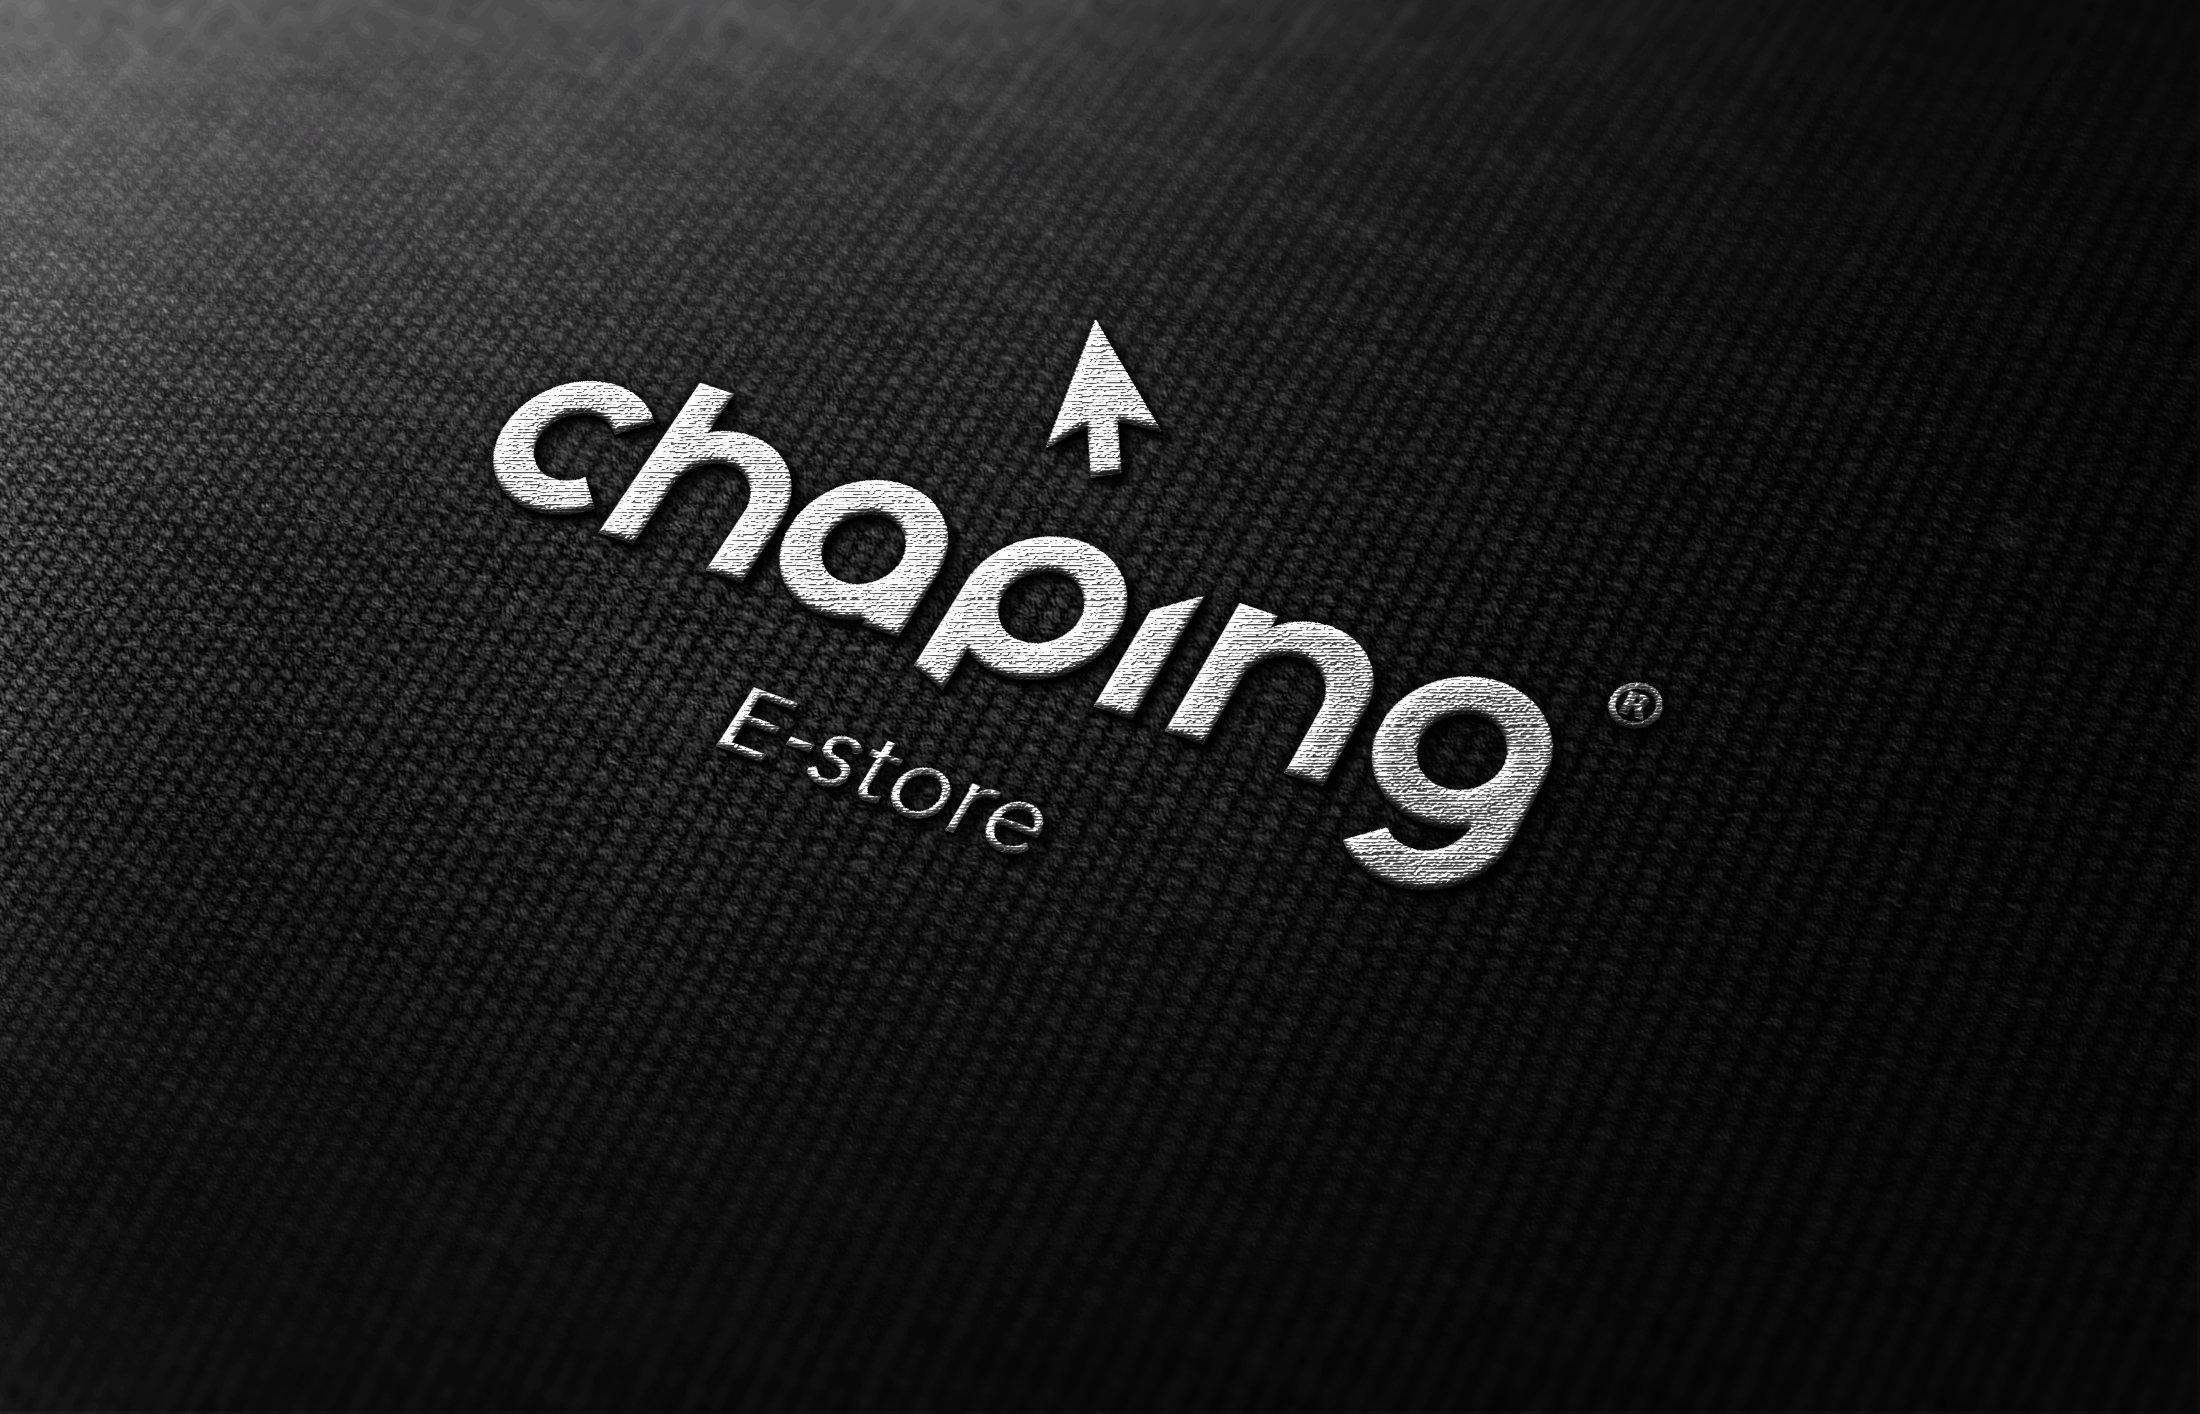 Chaping E-Store